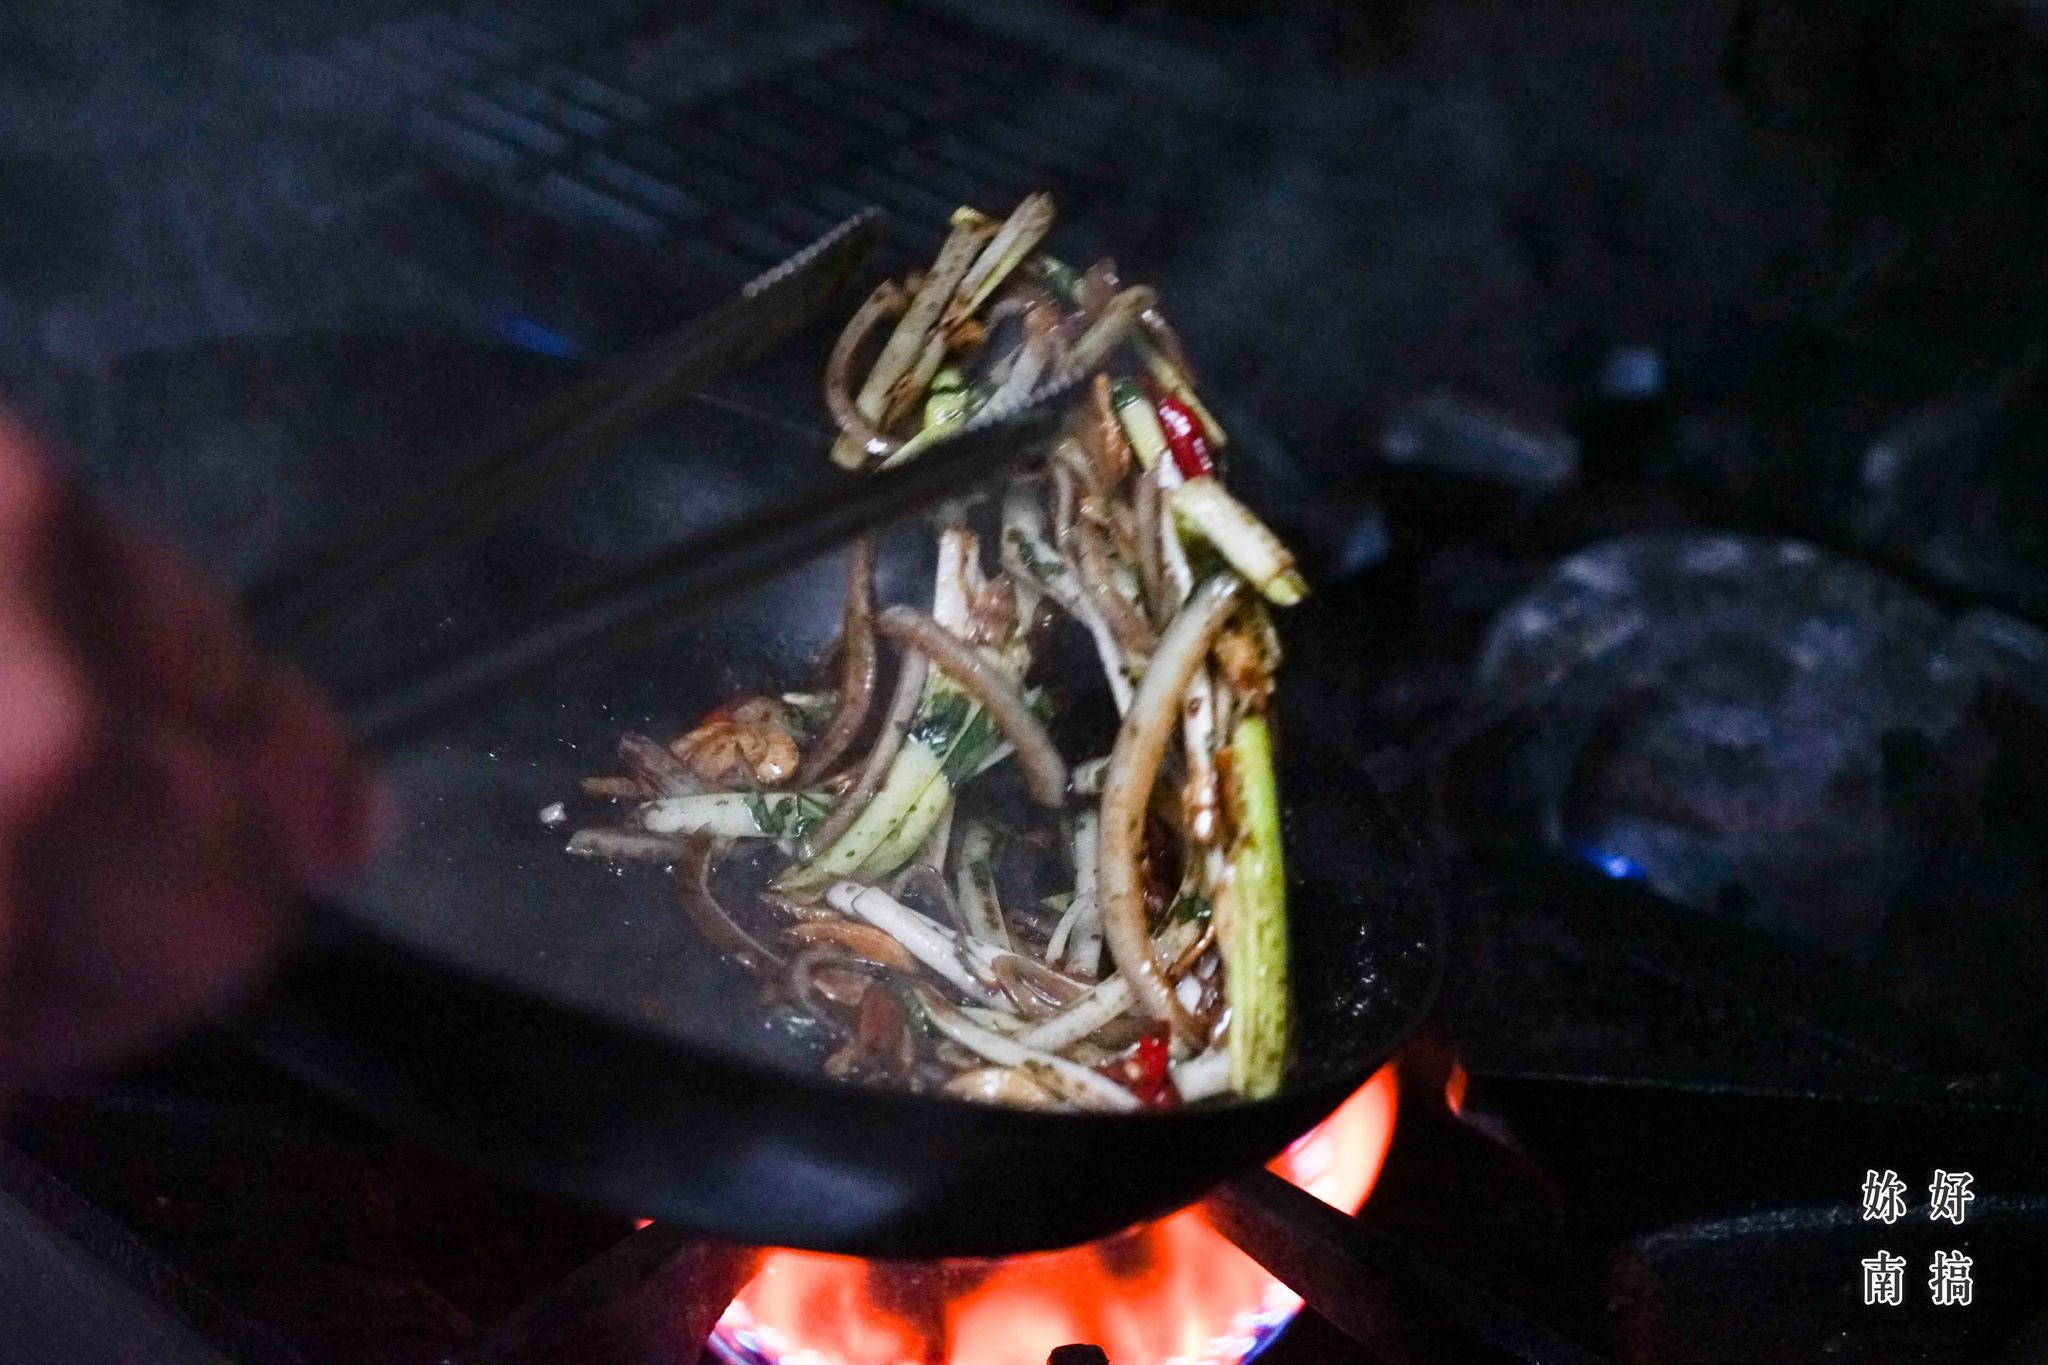 台南旅遊-主廚的菜籃子-14-妳好南搞